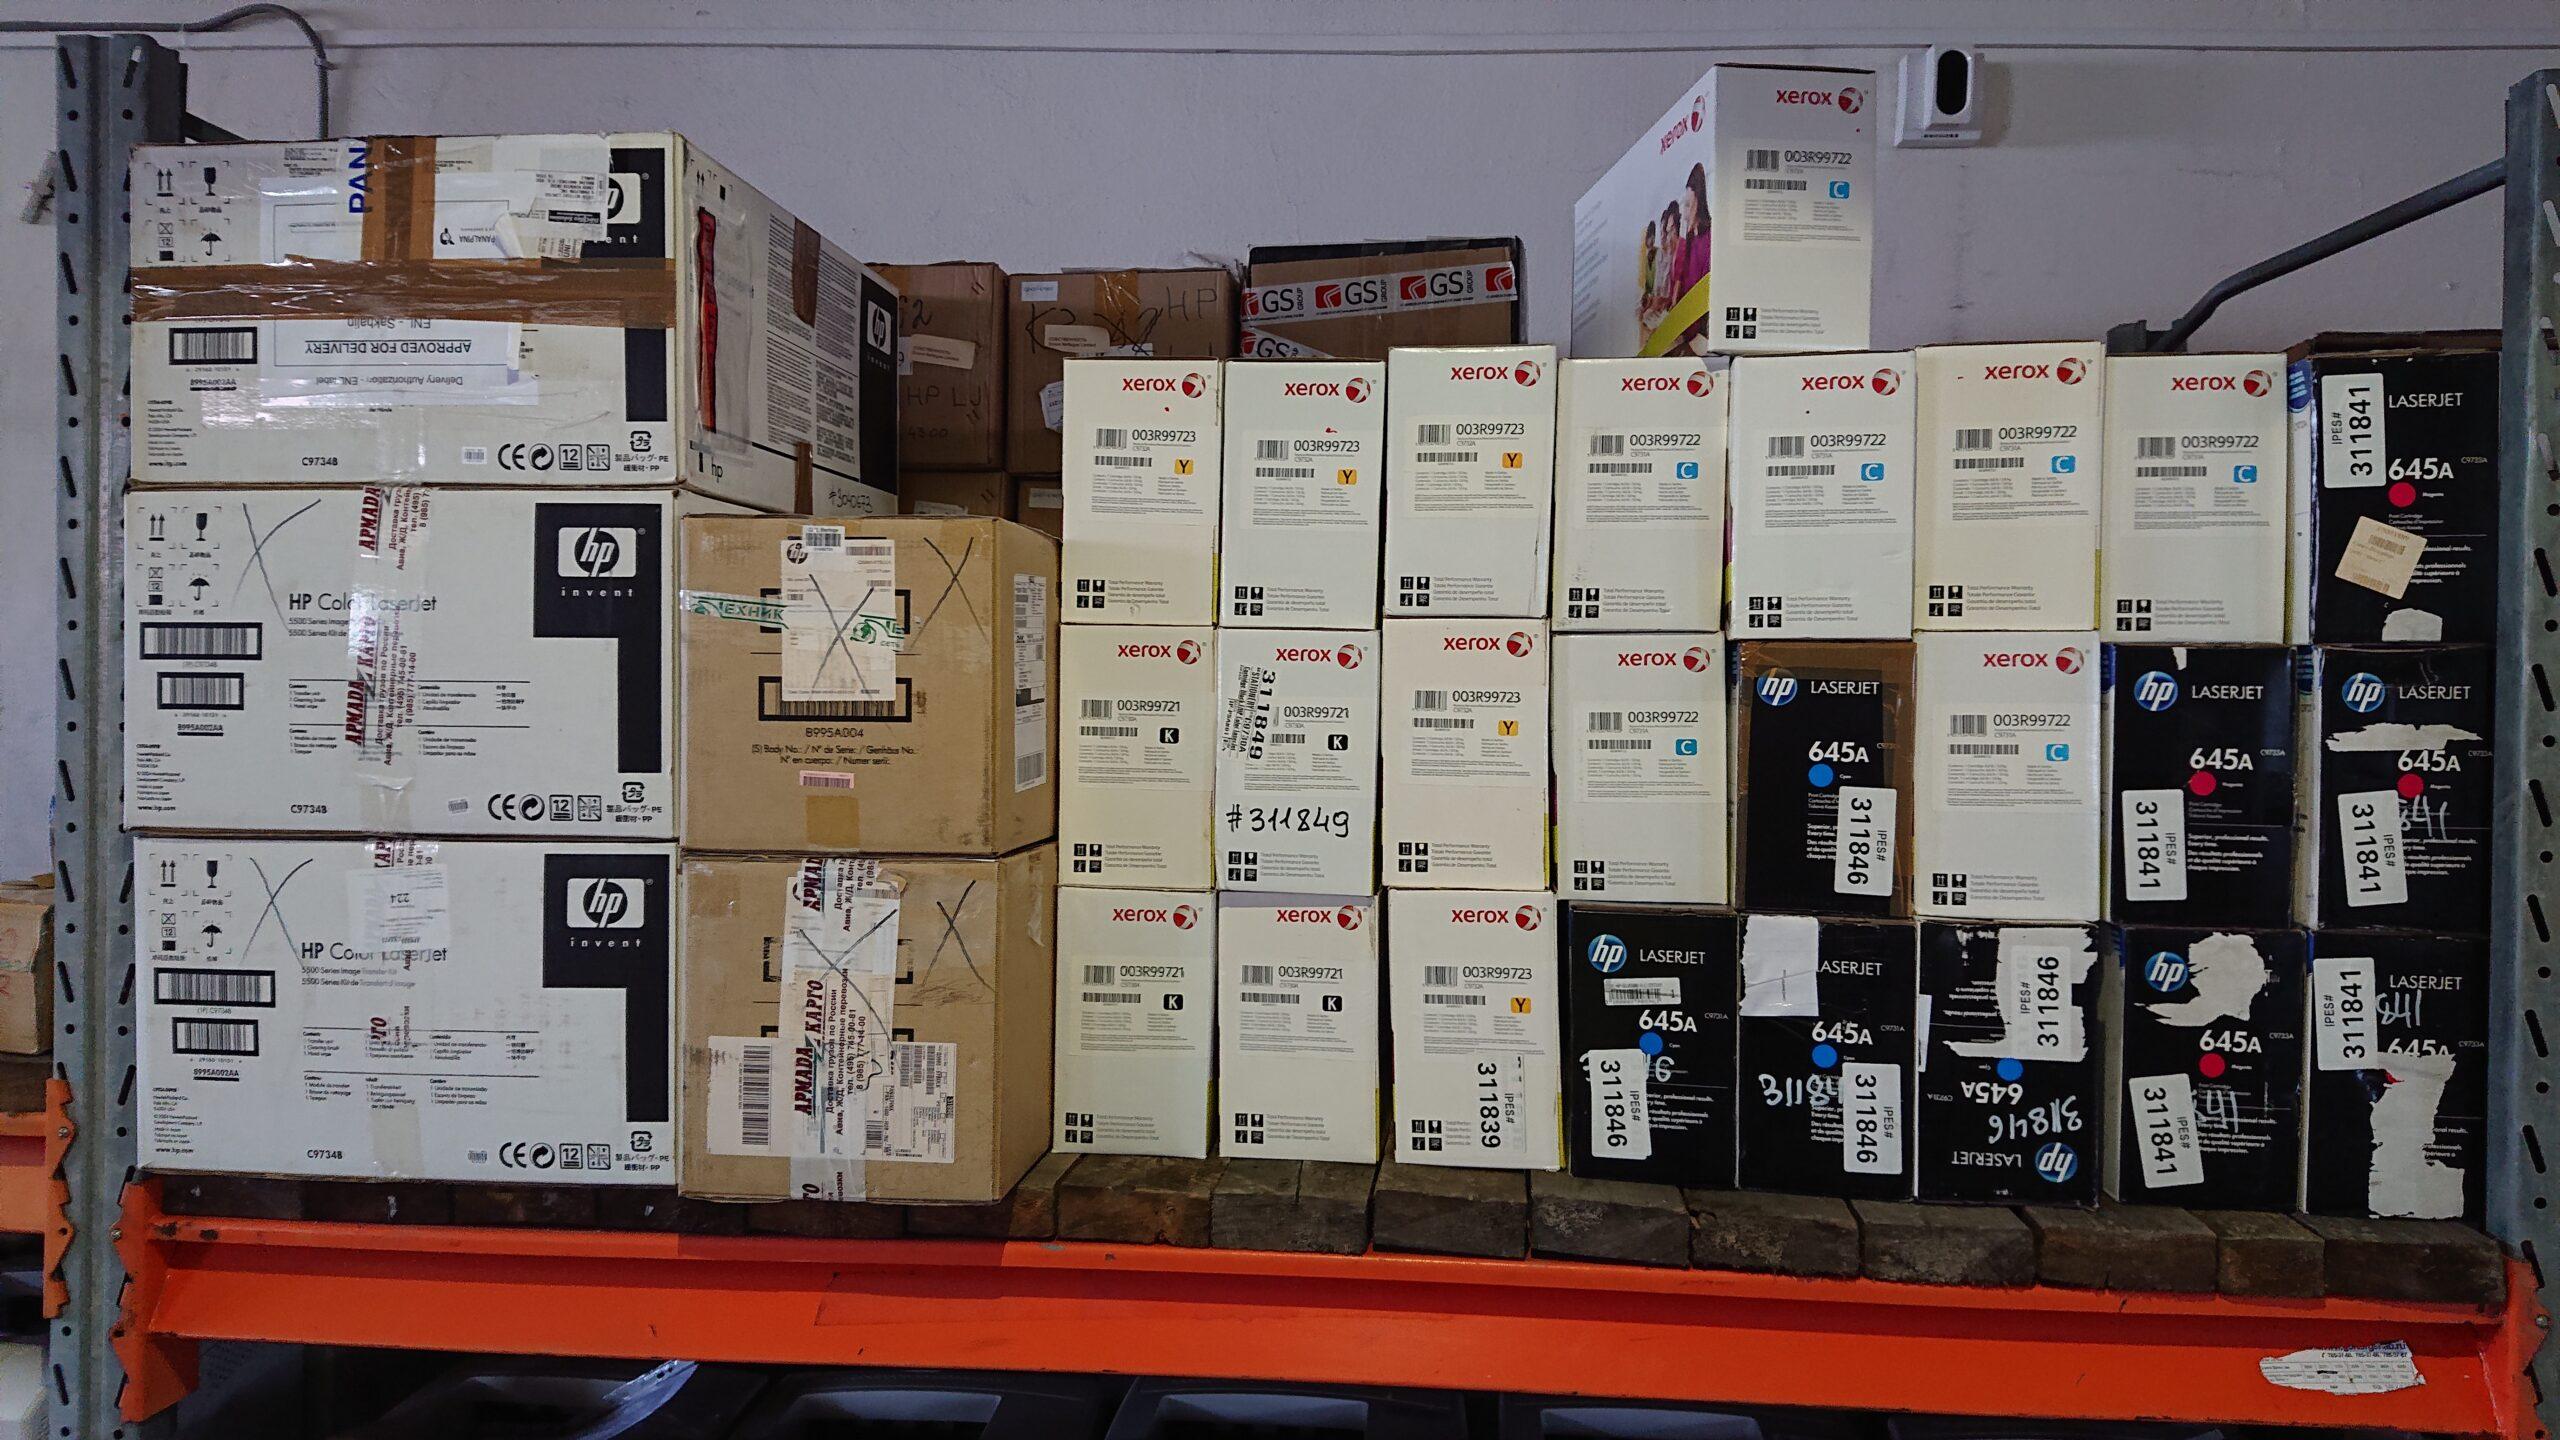 Картриджи и узел переноса изображения для HP LaserJet 5500 (20-421-2)